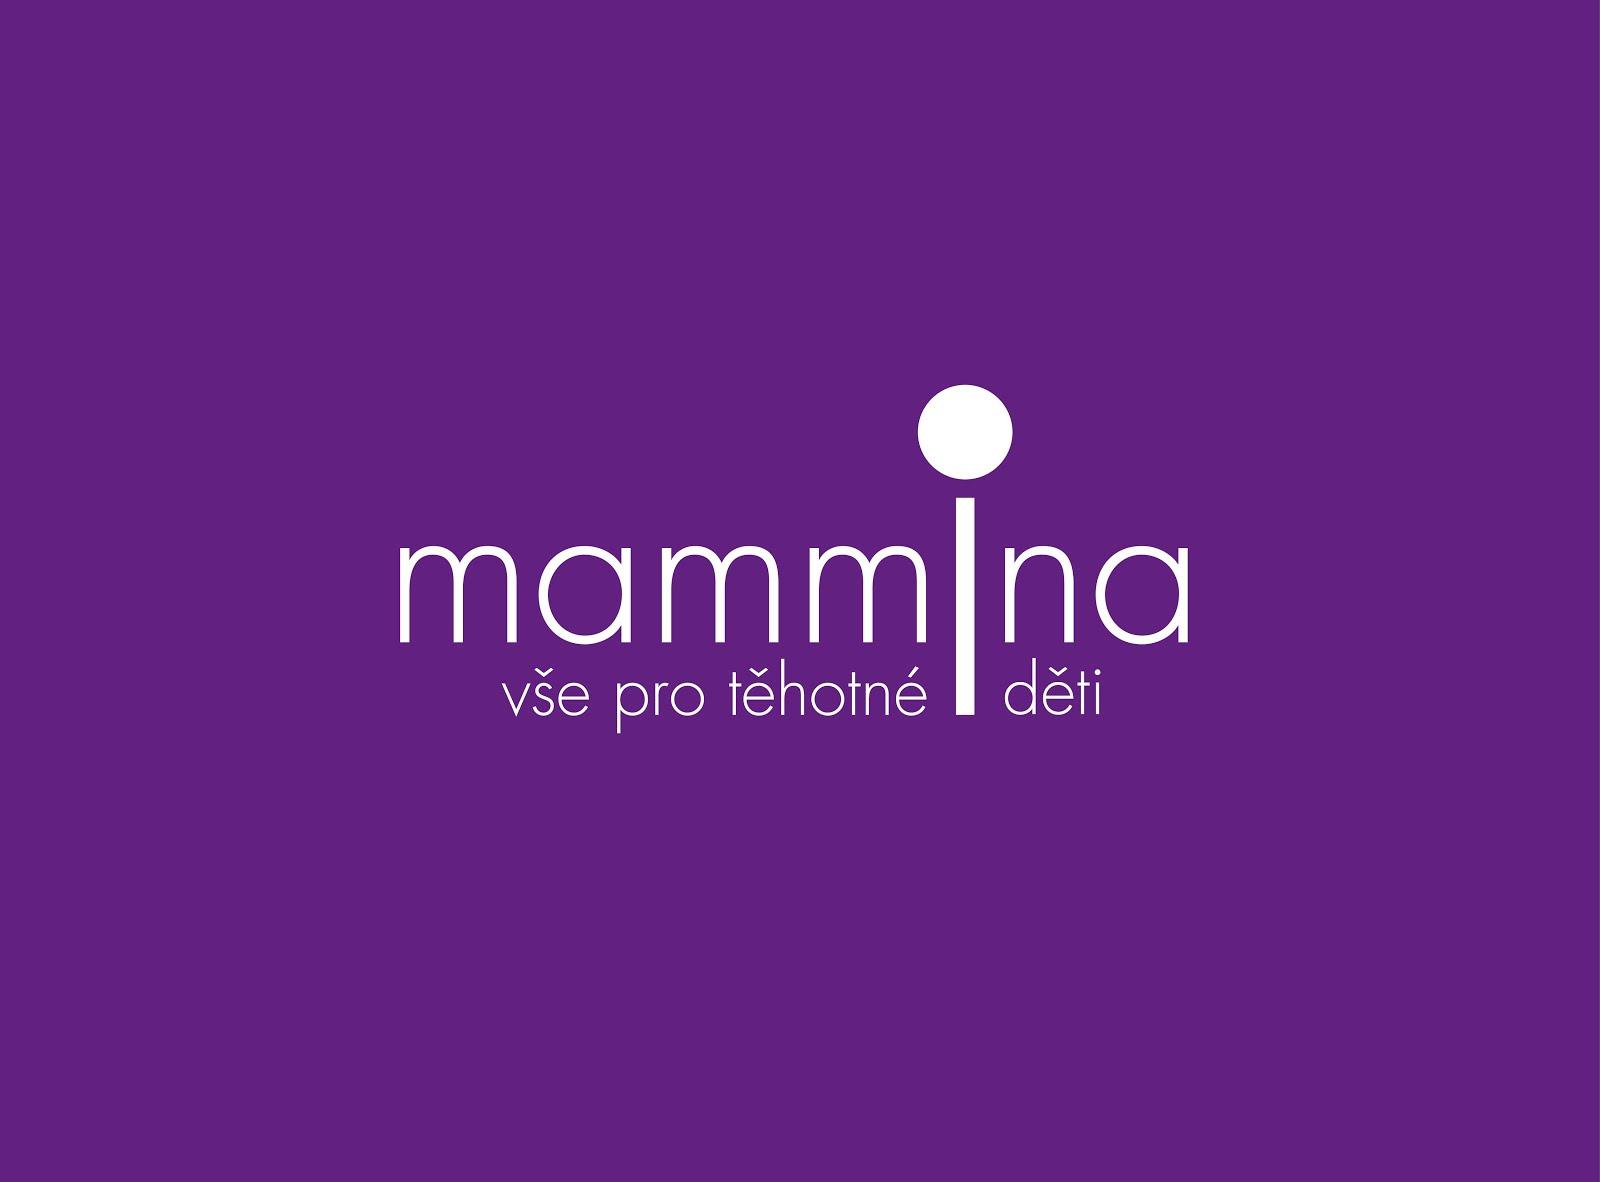 Spolupracuji s obchodem Mammina - vše pro těhotné i děti